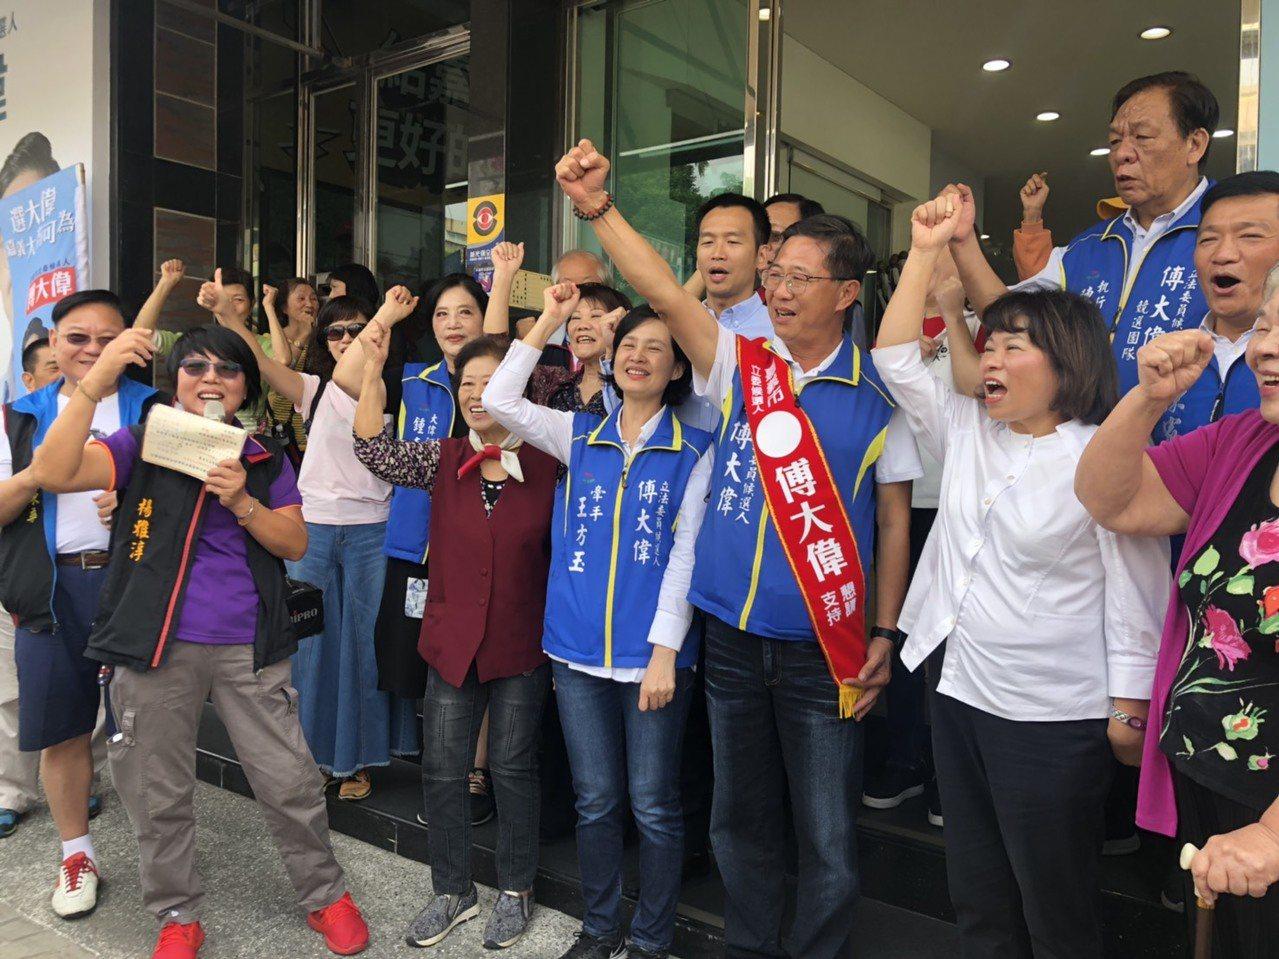 國民黨嘉義市立委參選人傅大偉辦公室成立,大批支持者高喊「凍蒜」。記者李承穎/攝影